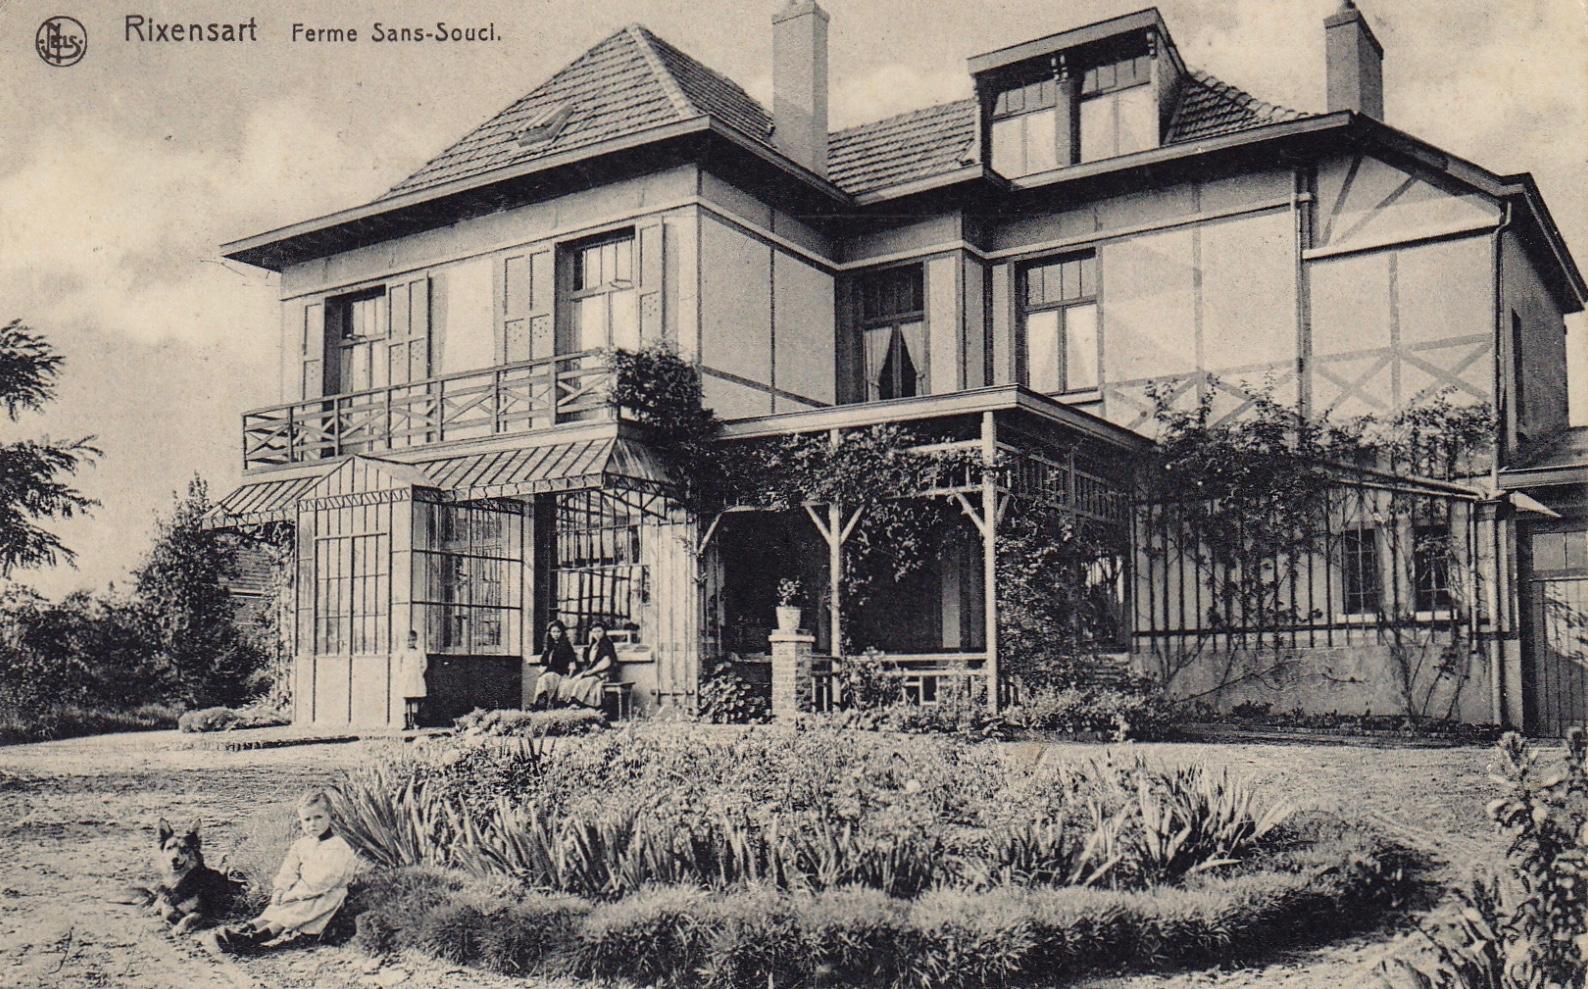 Ferme Sans-Souci côté jardin 1906 coll. Jean-Louis Lebrun